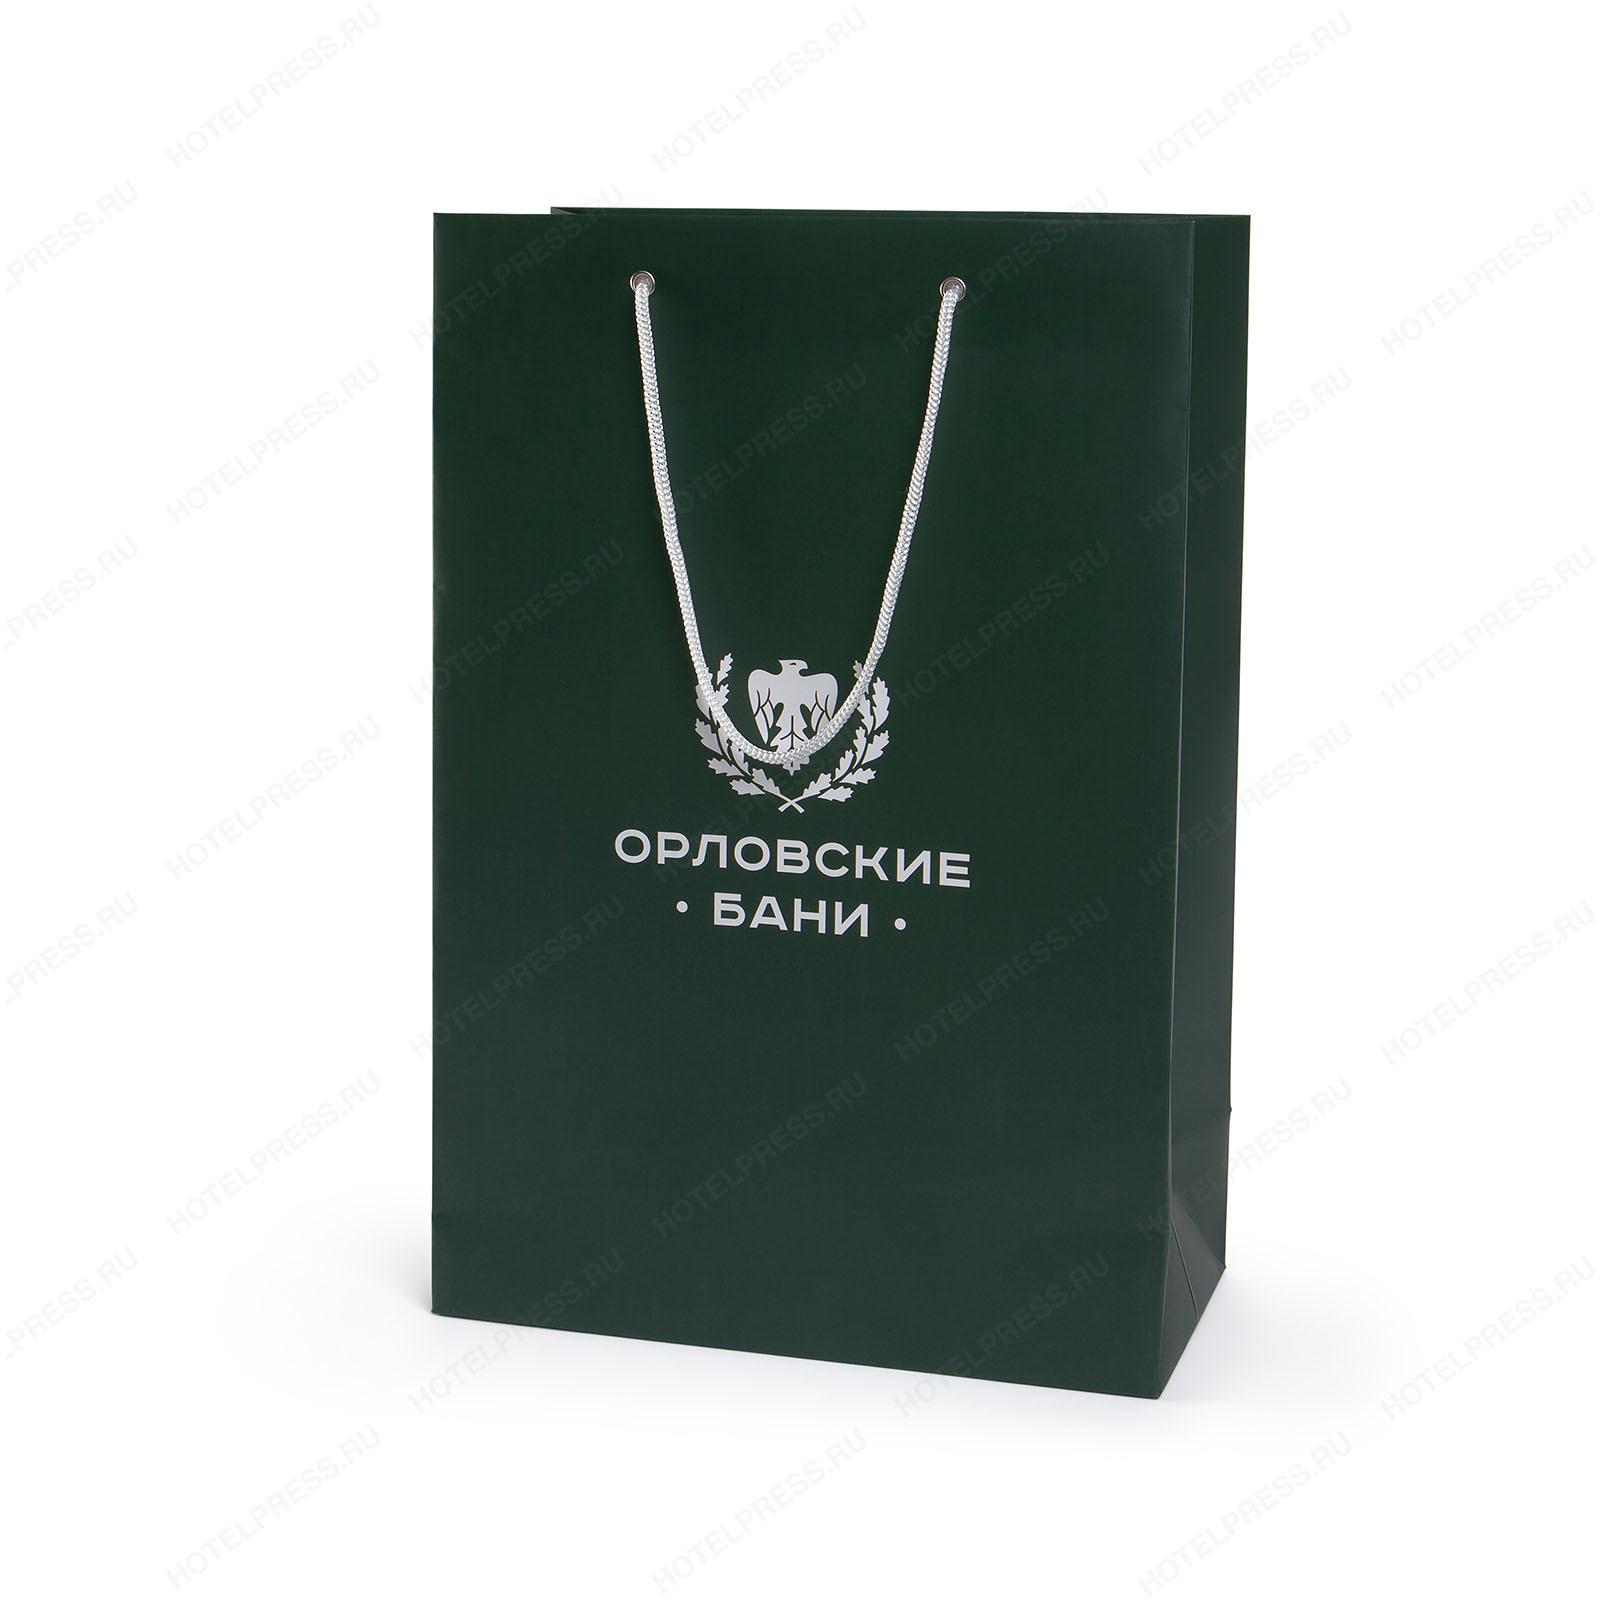 Брендированный полноцветный пакет  Орловские бани